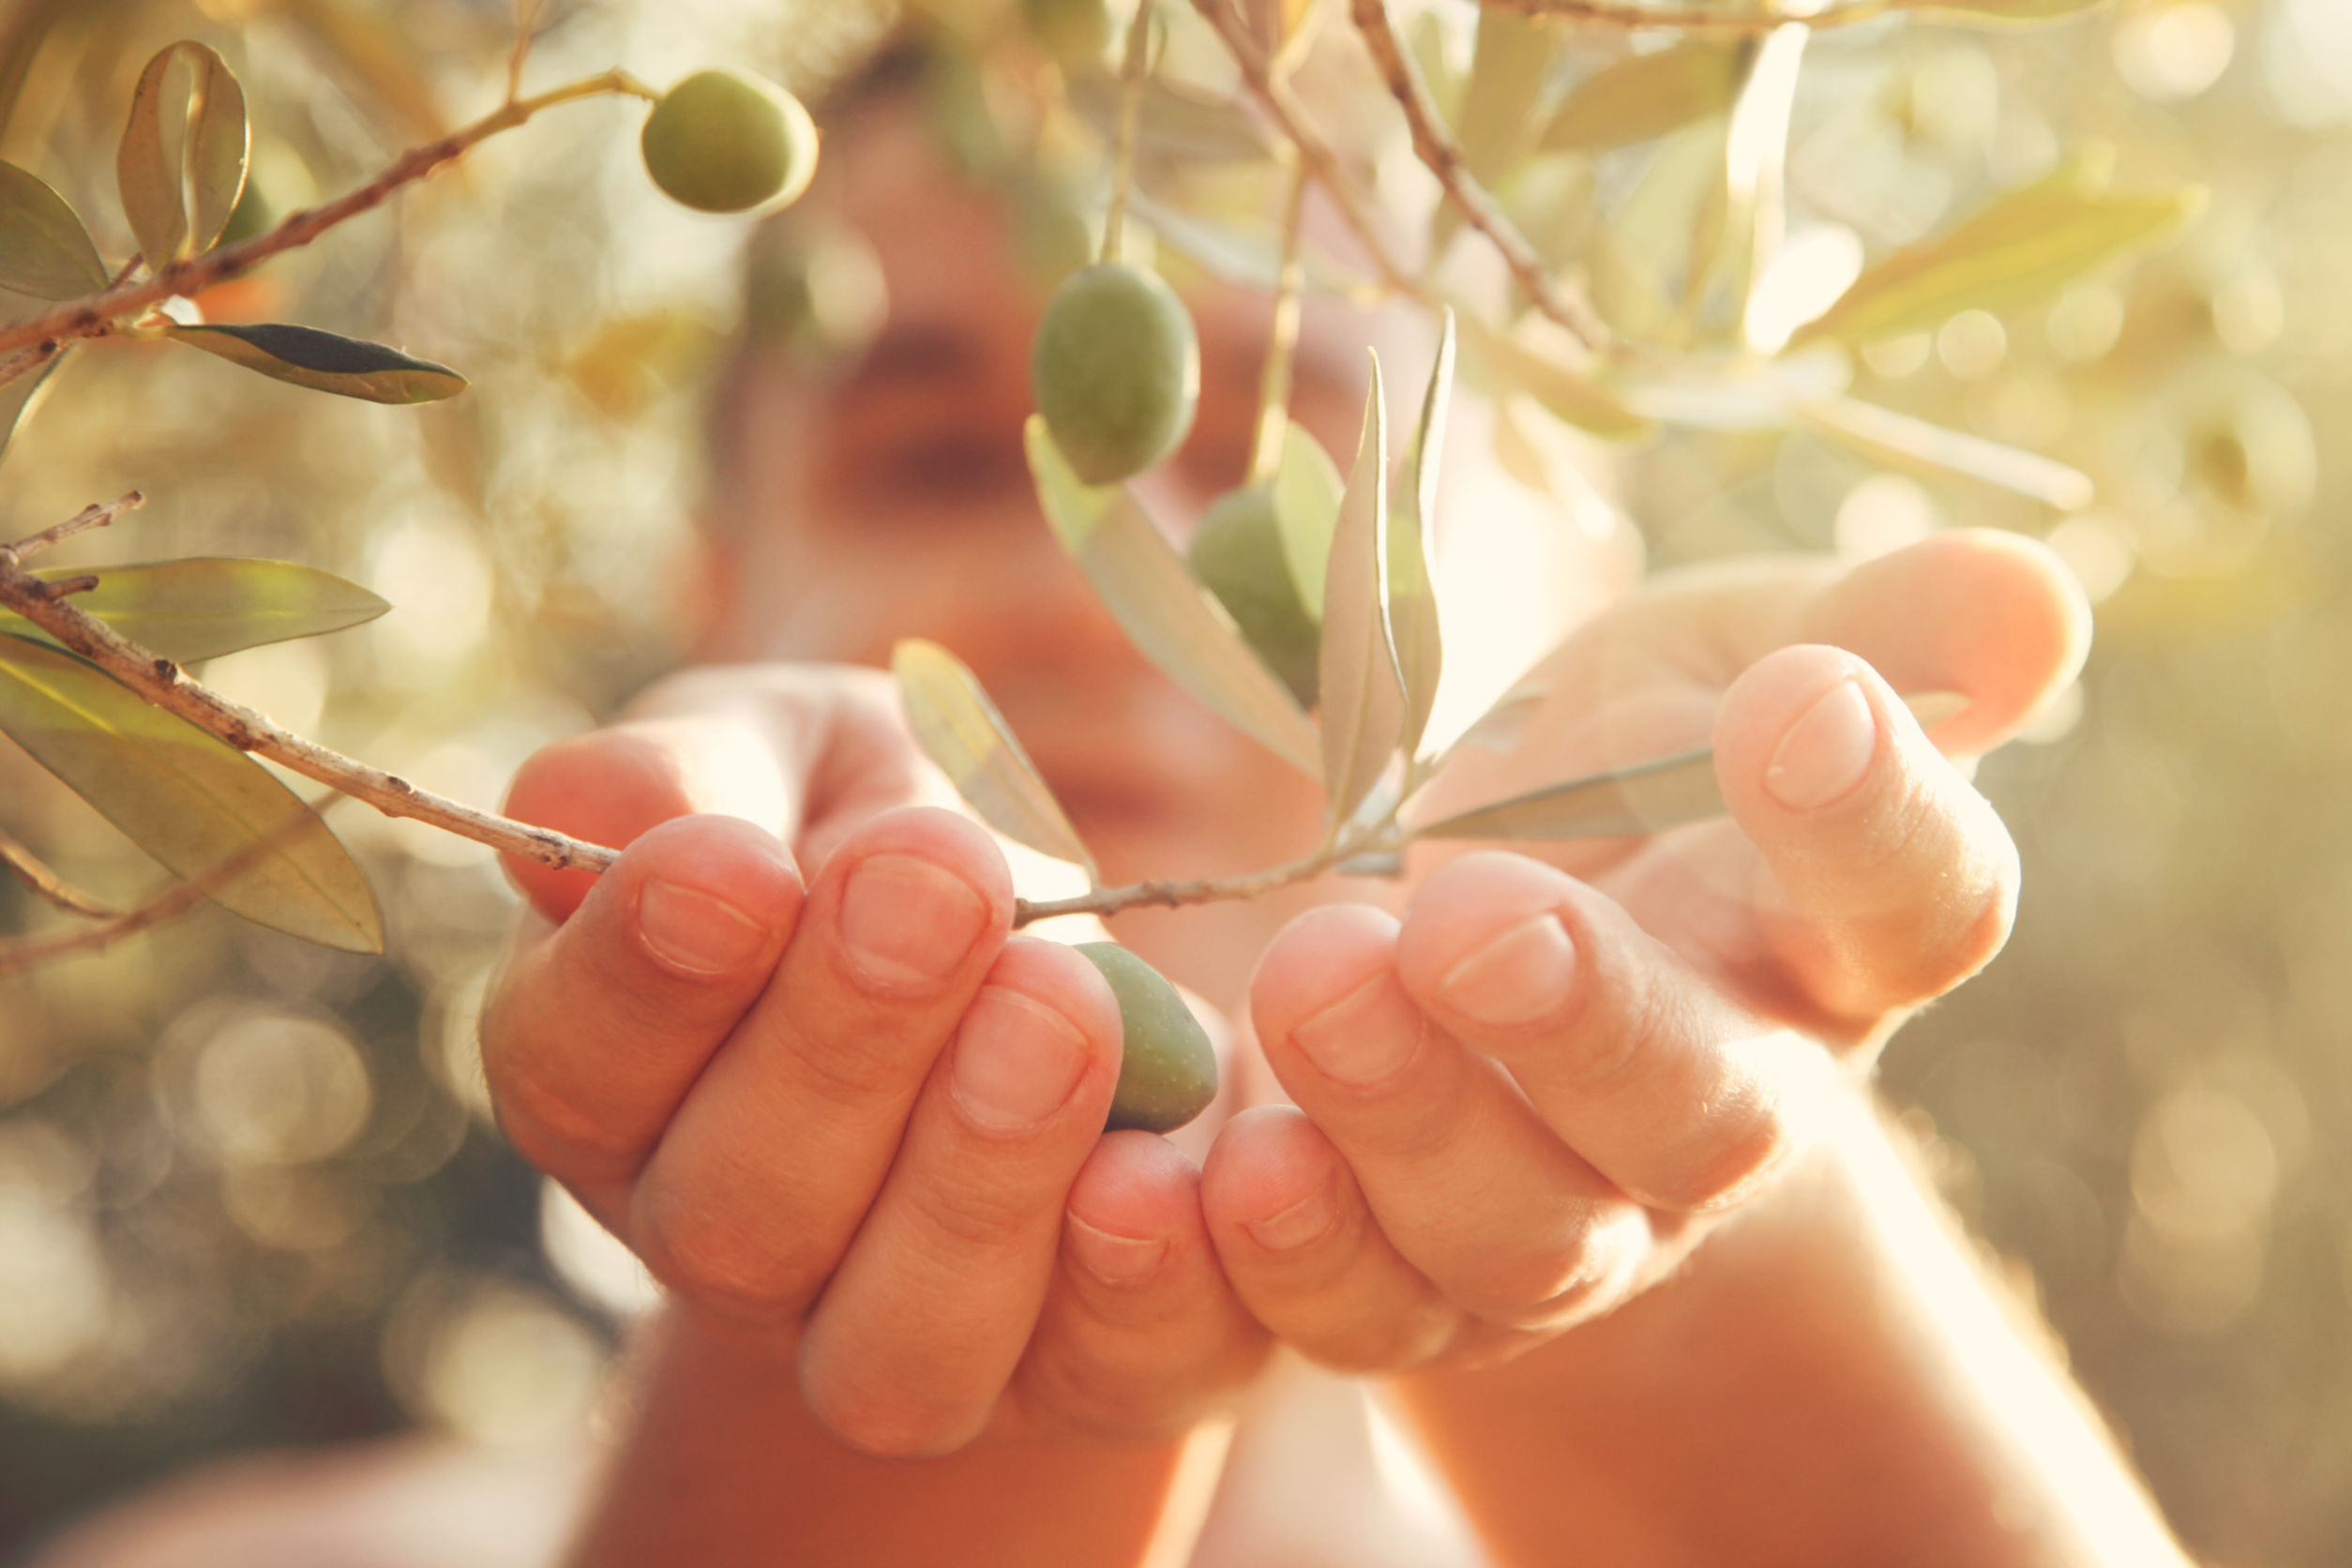 Manos abajo de hojas de olivo